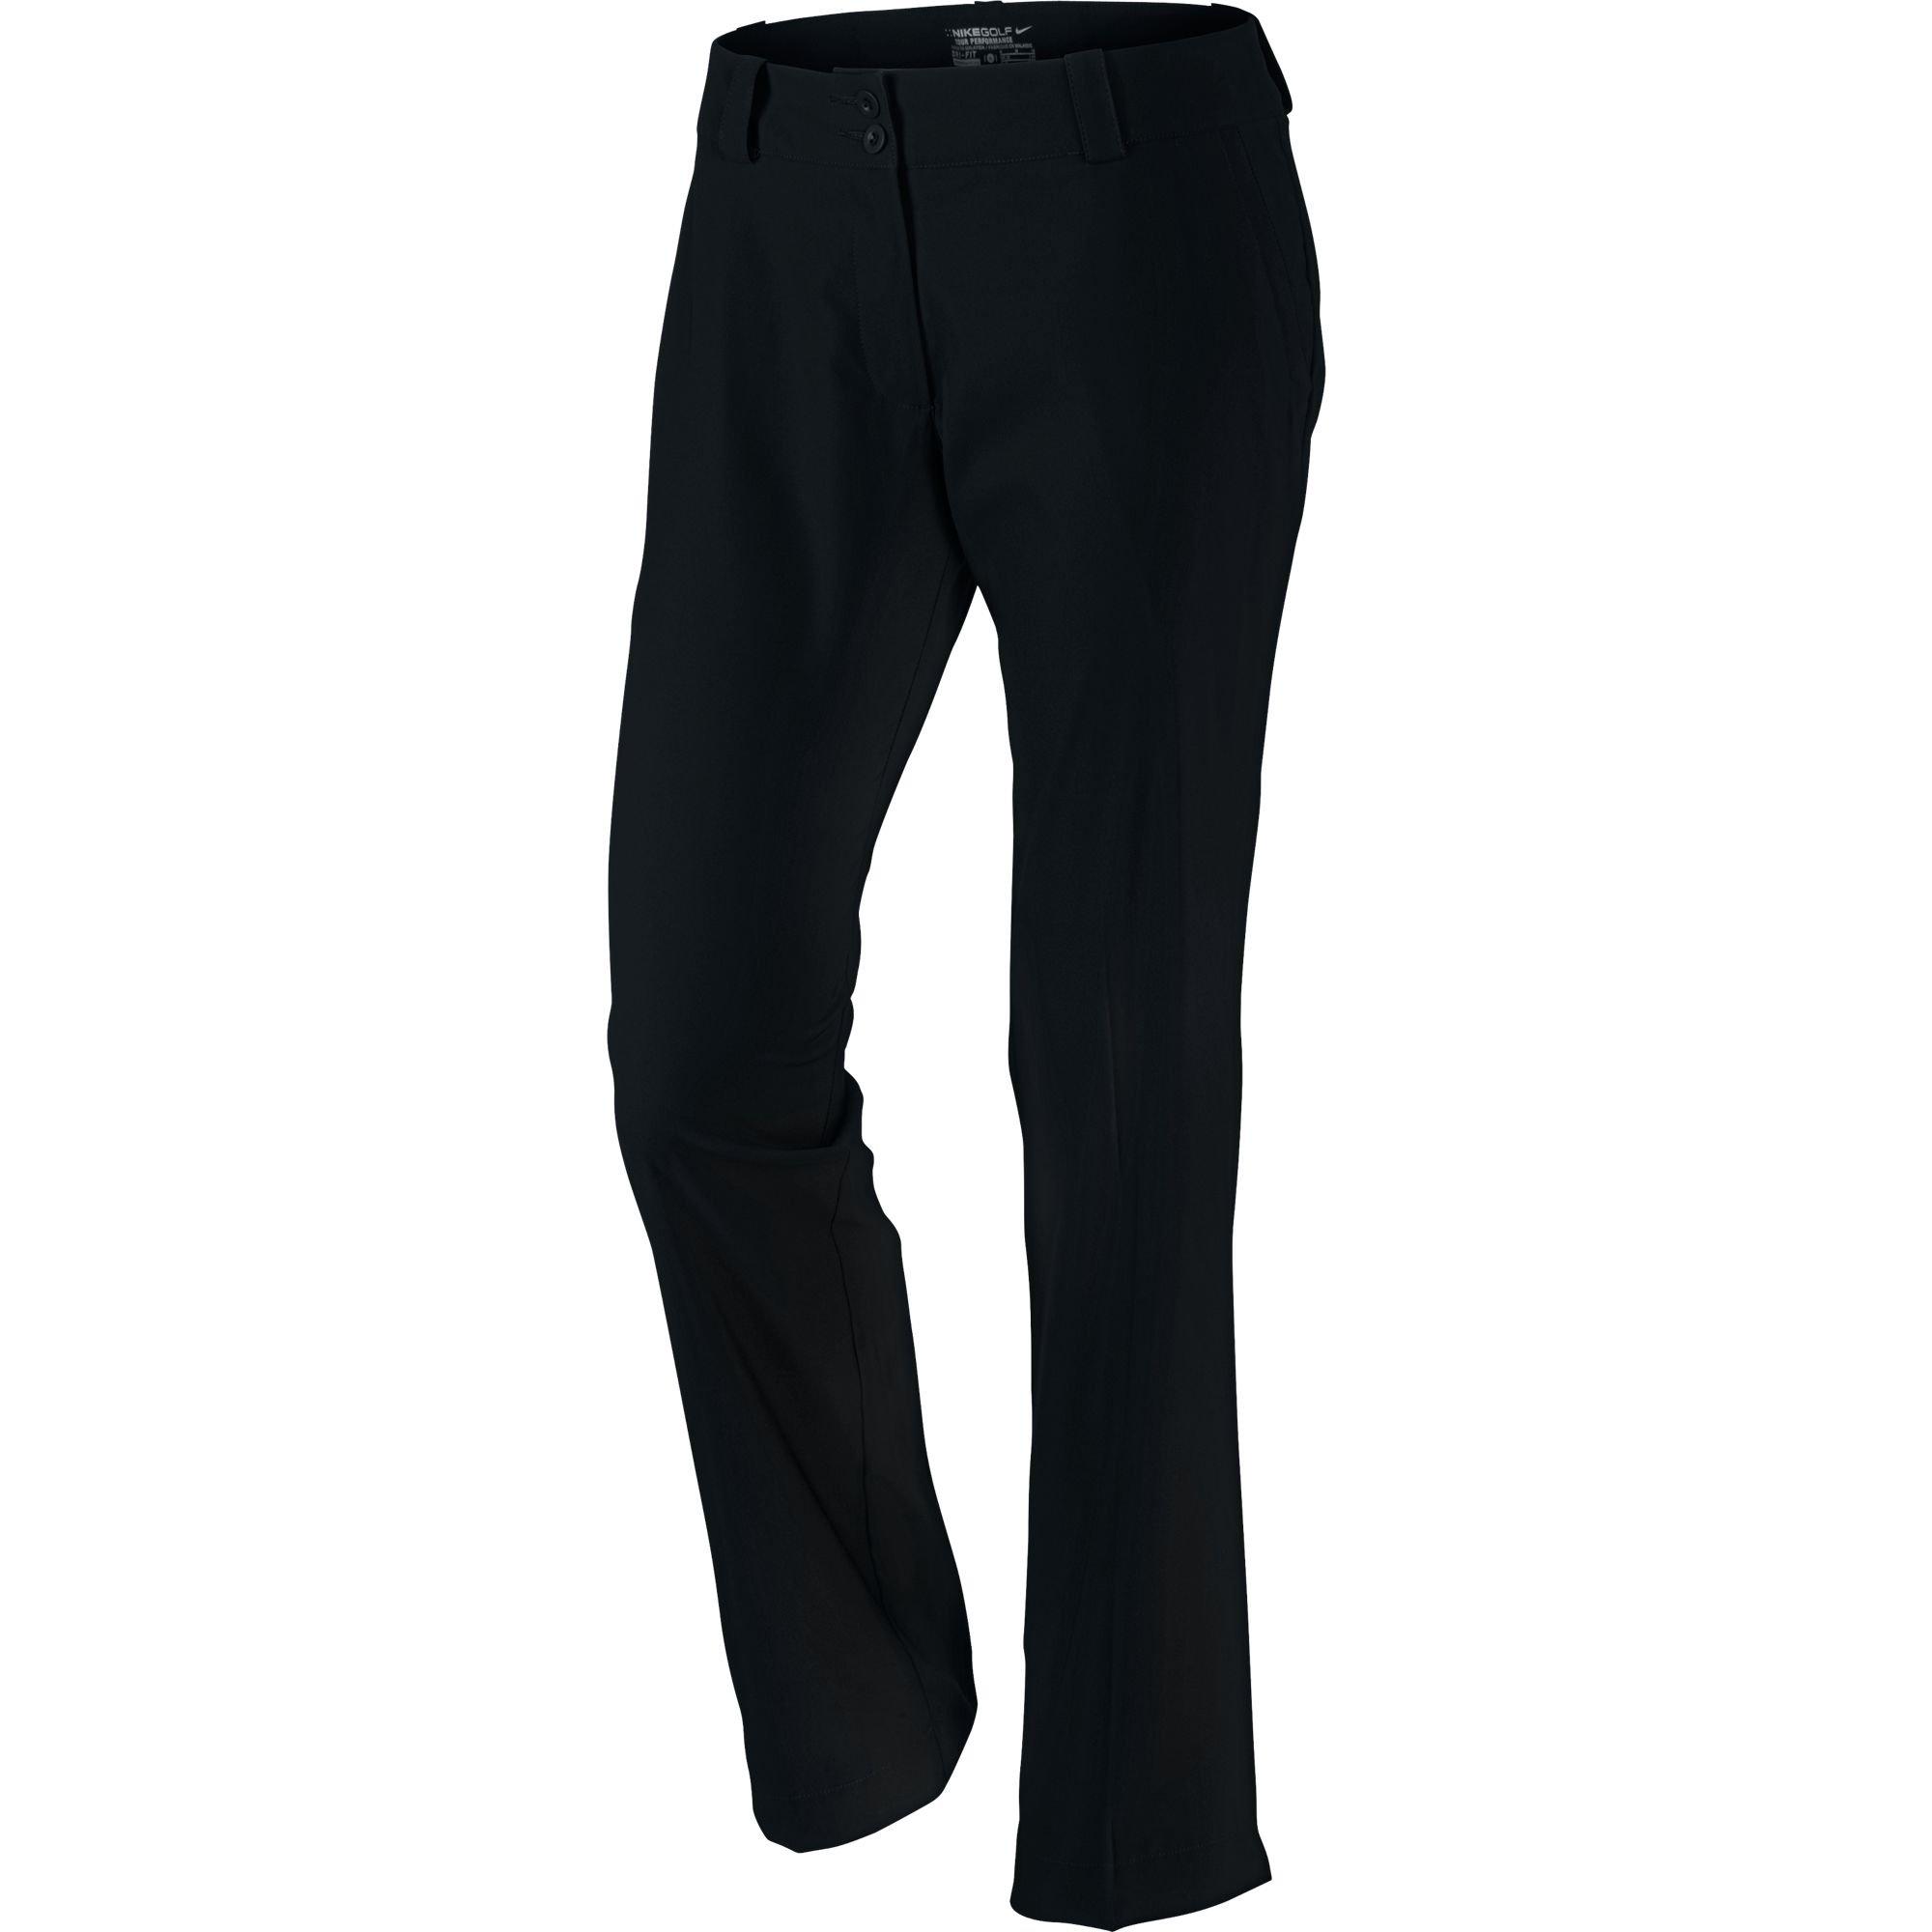 Nike Modern Rise Tech Golf Pants 2015 Women Black 14